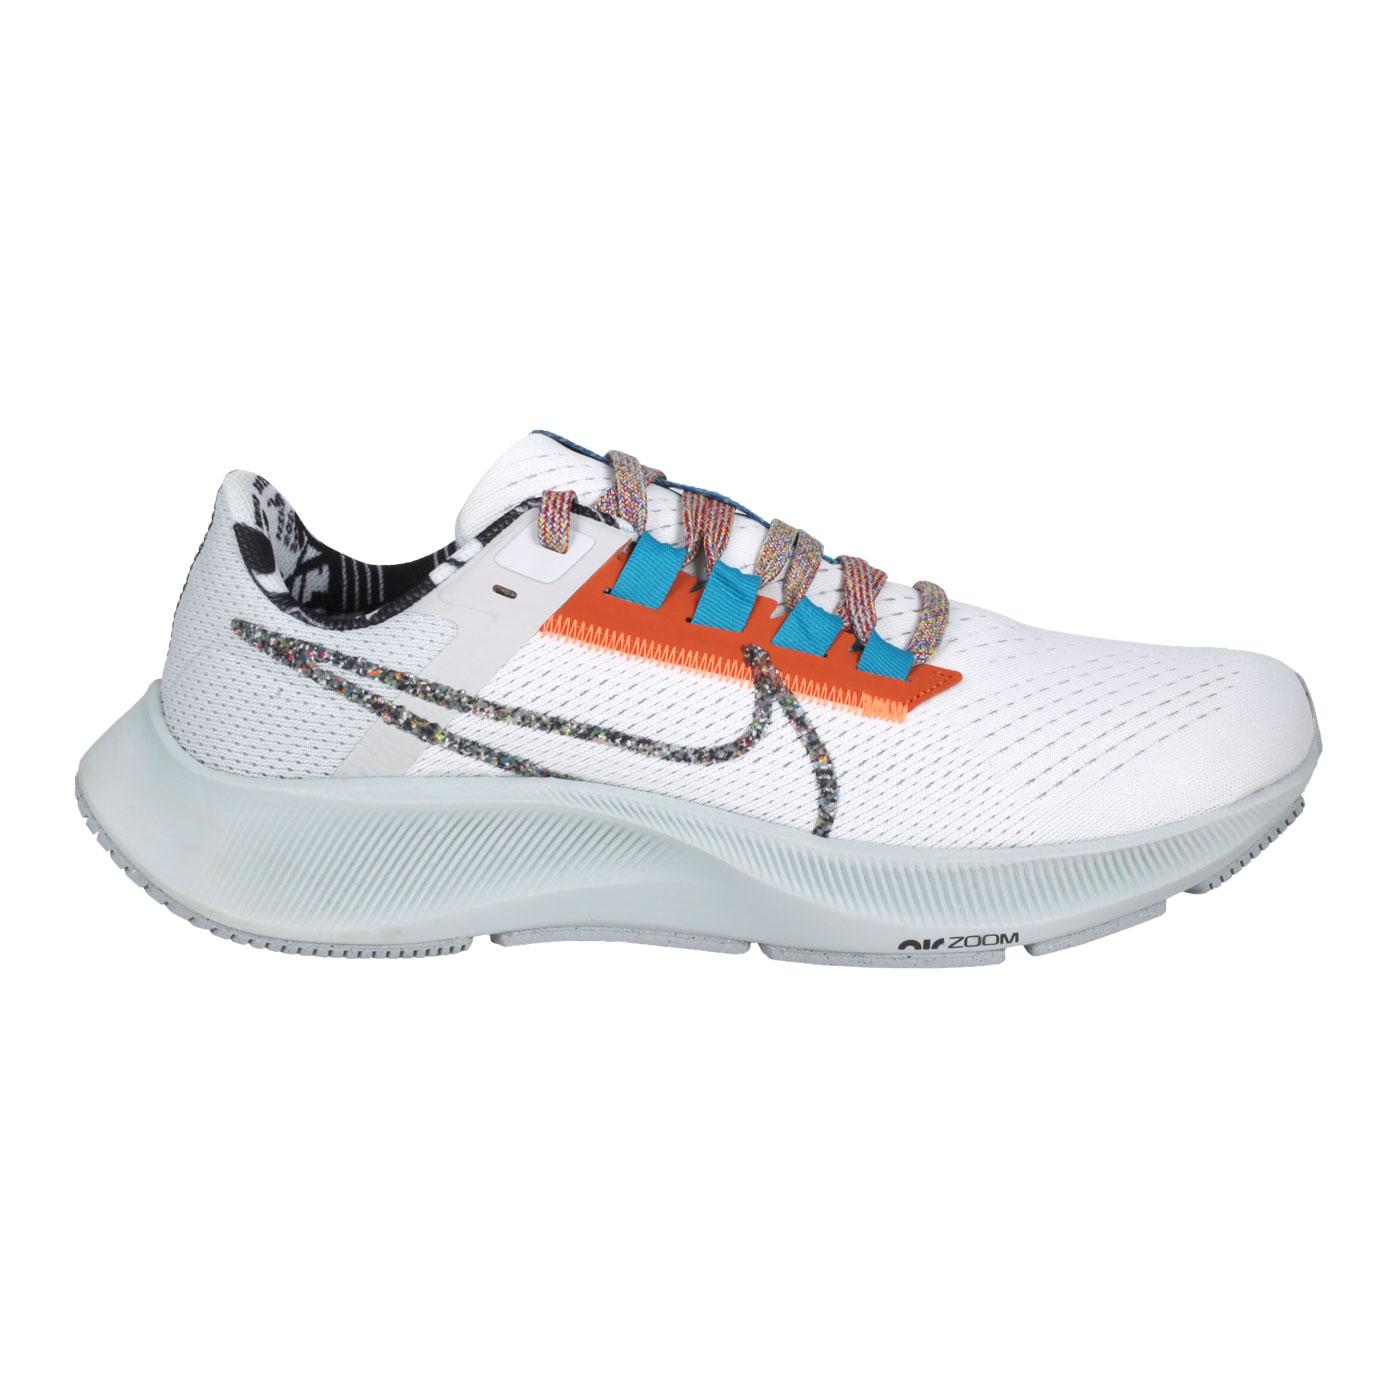 NIKE 男款慢跑鞋  @AIR ZOOM PEGASUS 38 MFS@DC4520-100 - 白黑橘藍